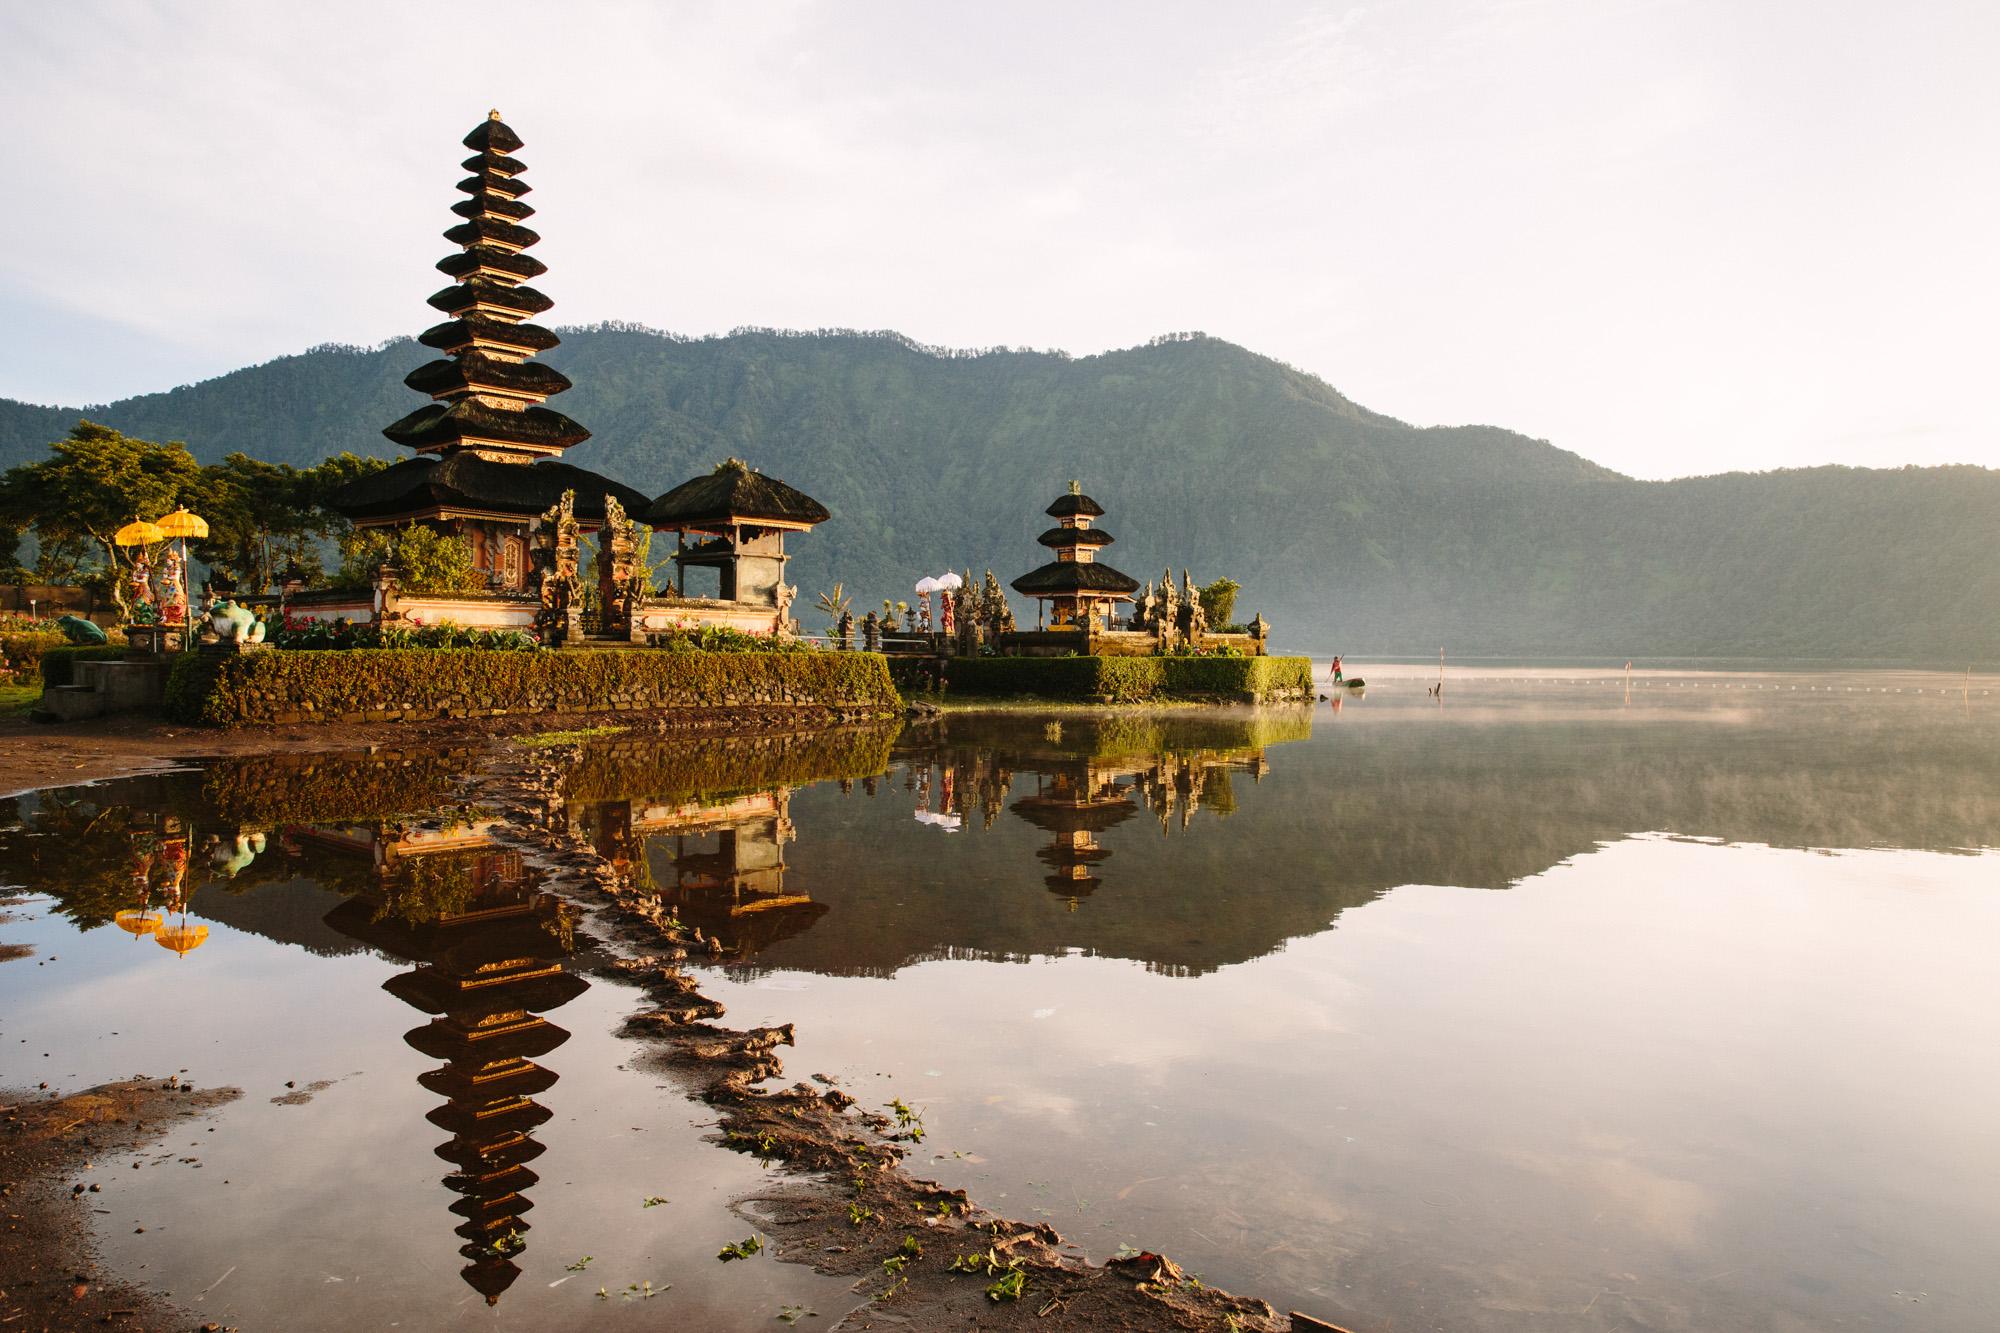 AGP_Bali_001.jpg